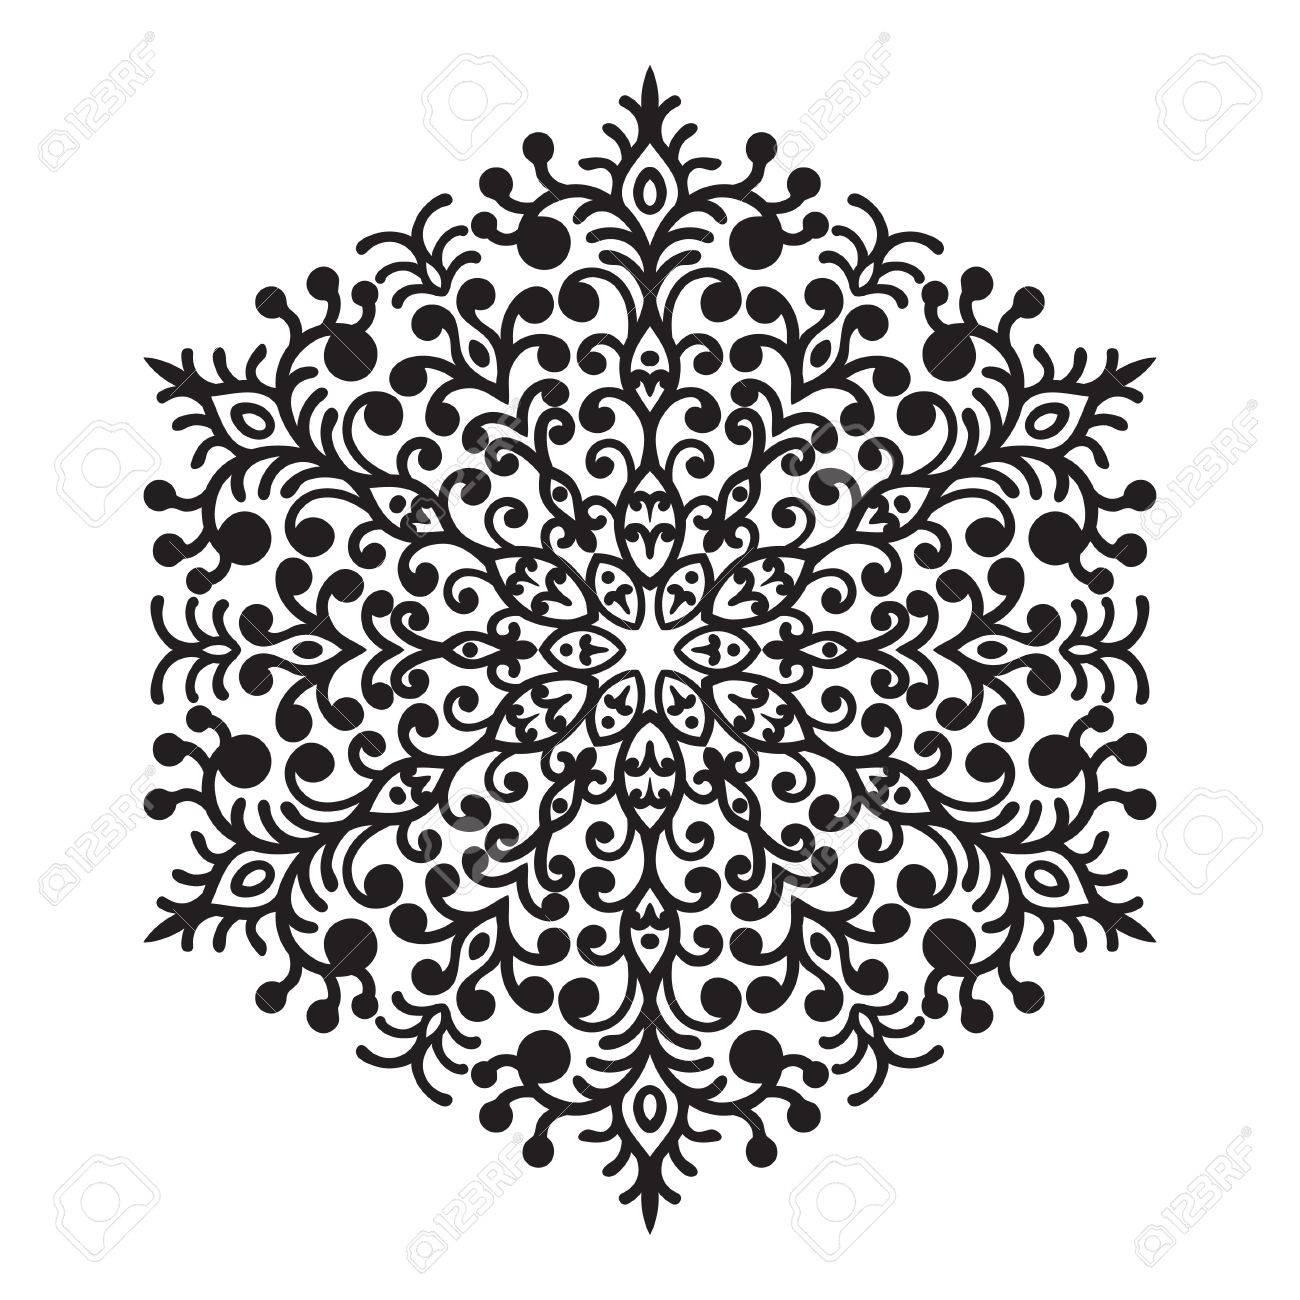 Dessin à Main Zentangle élément Noir Et Blanc Mandala Des Fleurs Illustration Vectorielle Le Meilleur Pour Votre Design Textiles Affiches